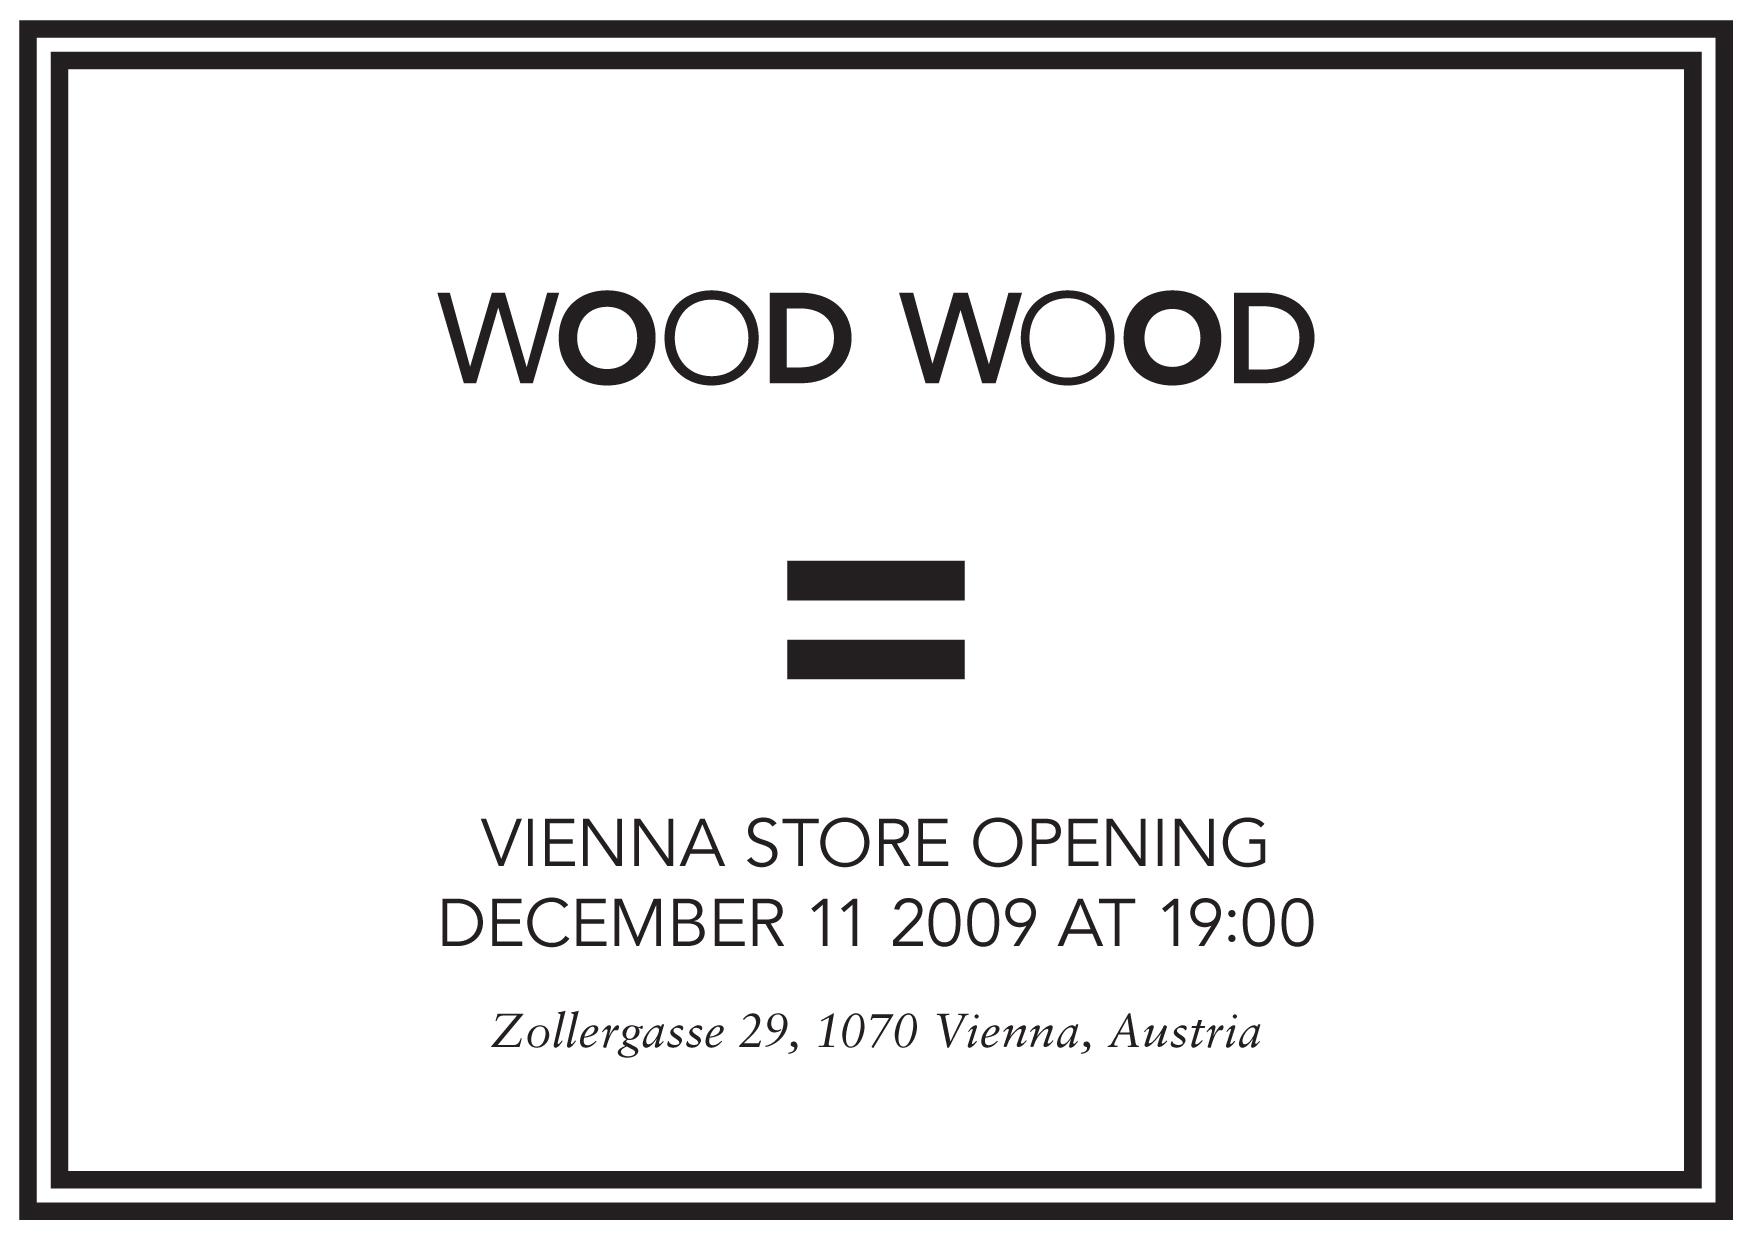 Wood Wood Wien Opening 11.12.2009